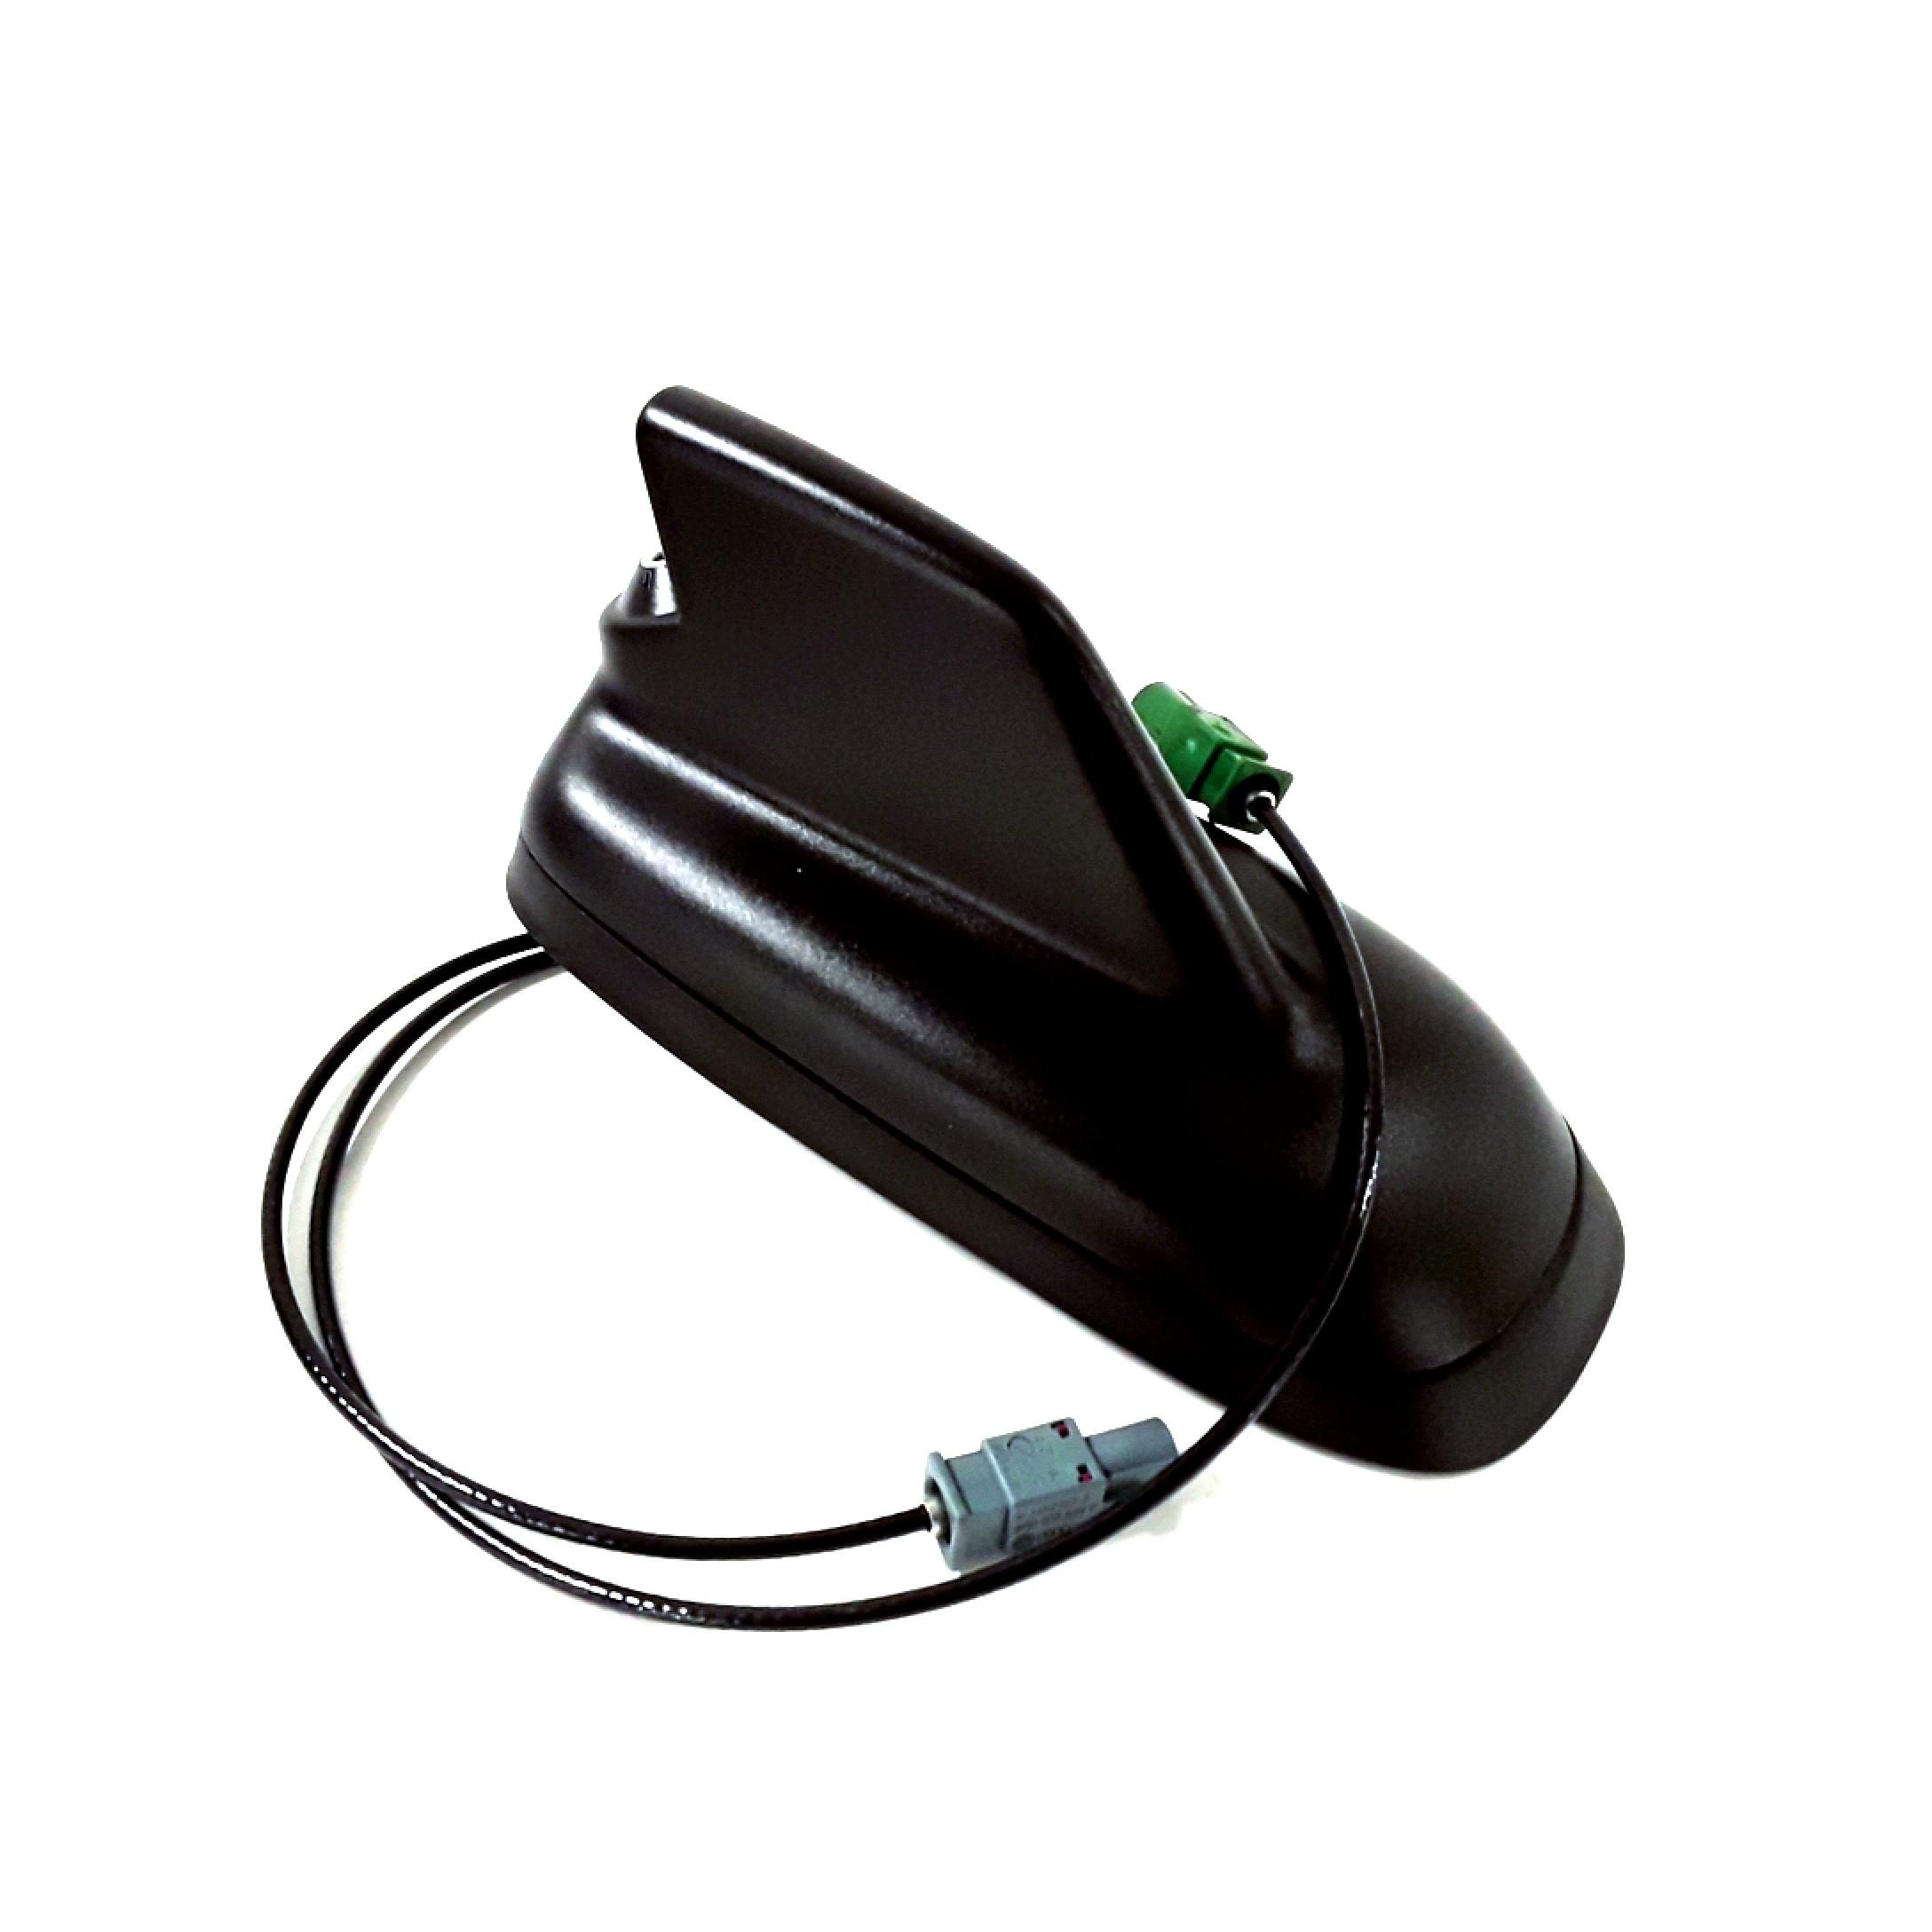 2011 volkswagen tiguan base gps antenna assembly. Black Bedroom Furniture Sets. Home Design Ideas